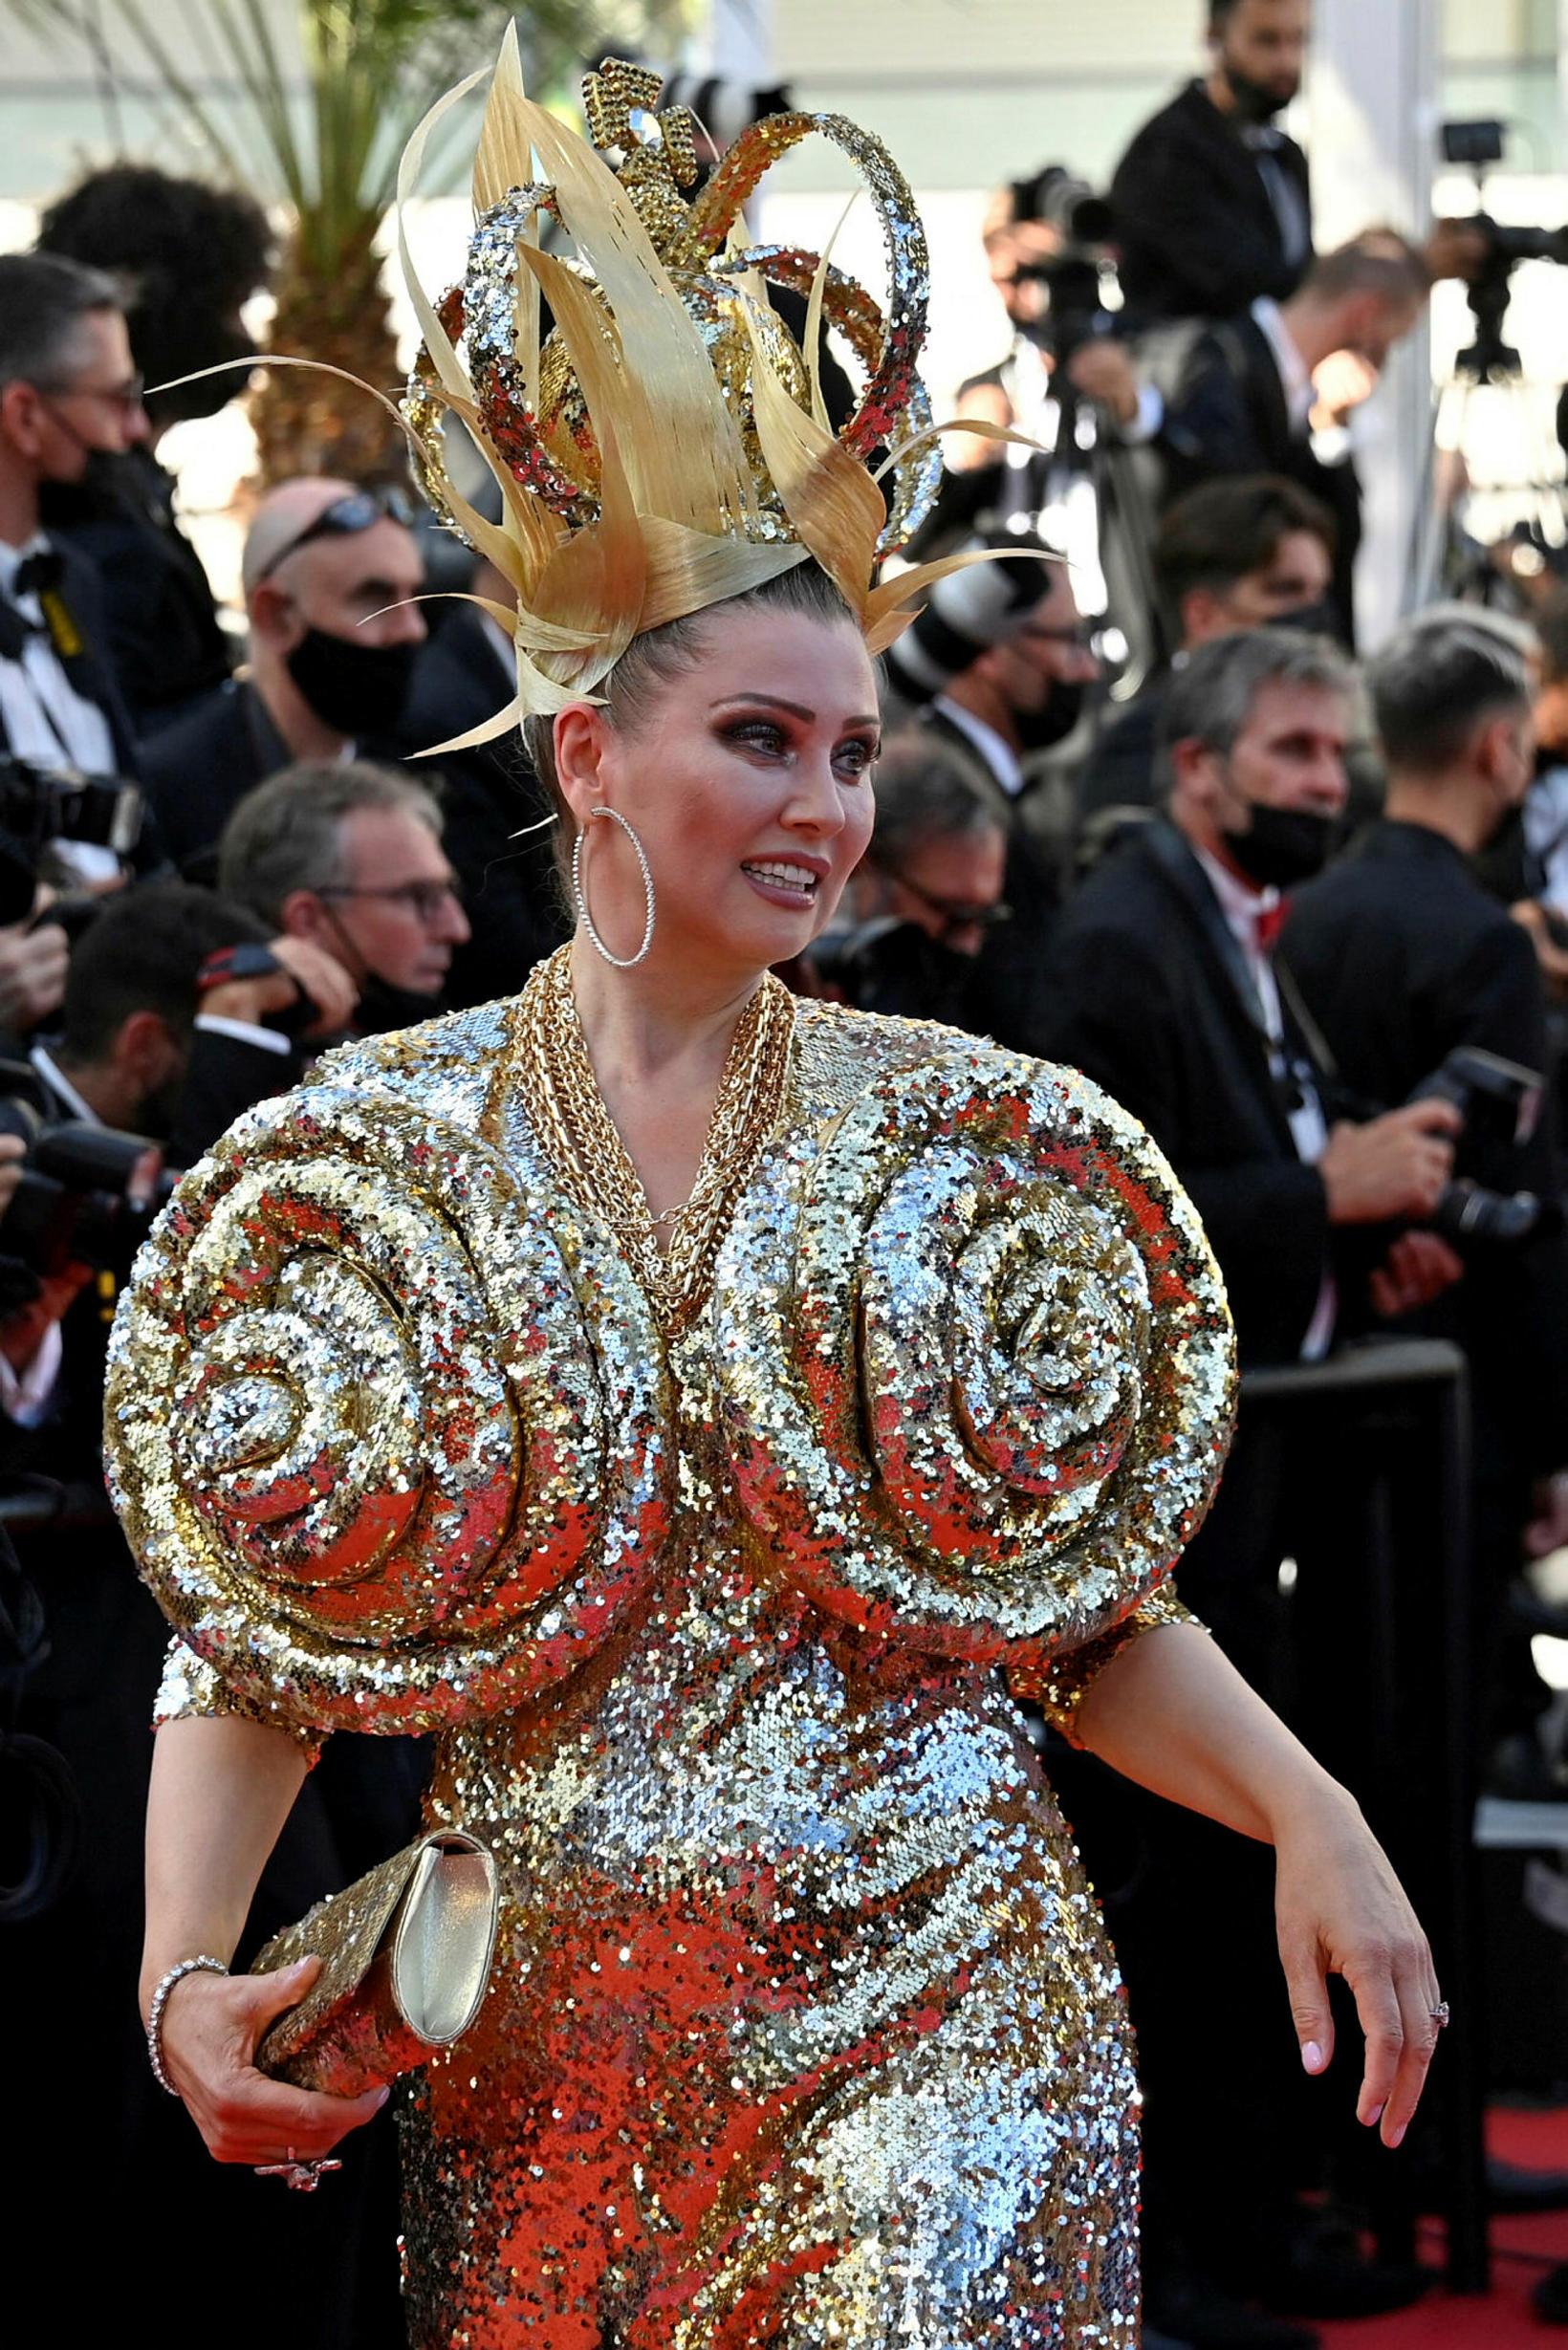 Elena Lenina á sýningu Stillwater í Cannes þann 8. júlí